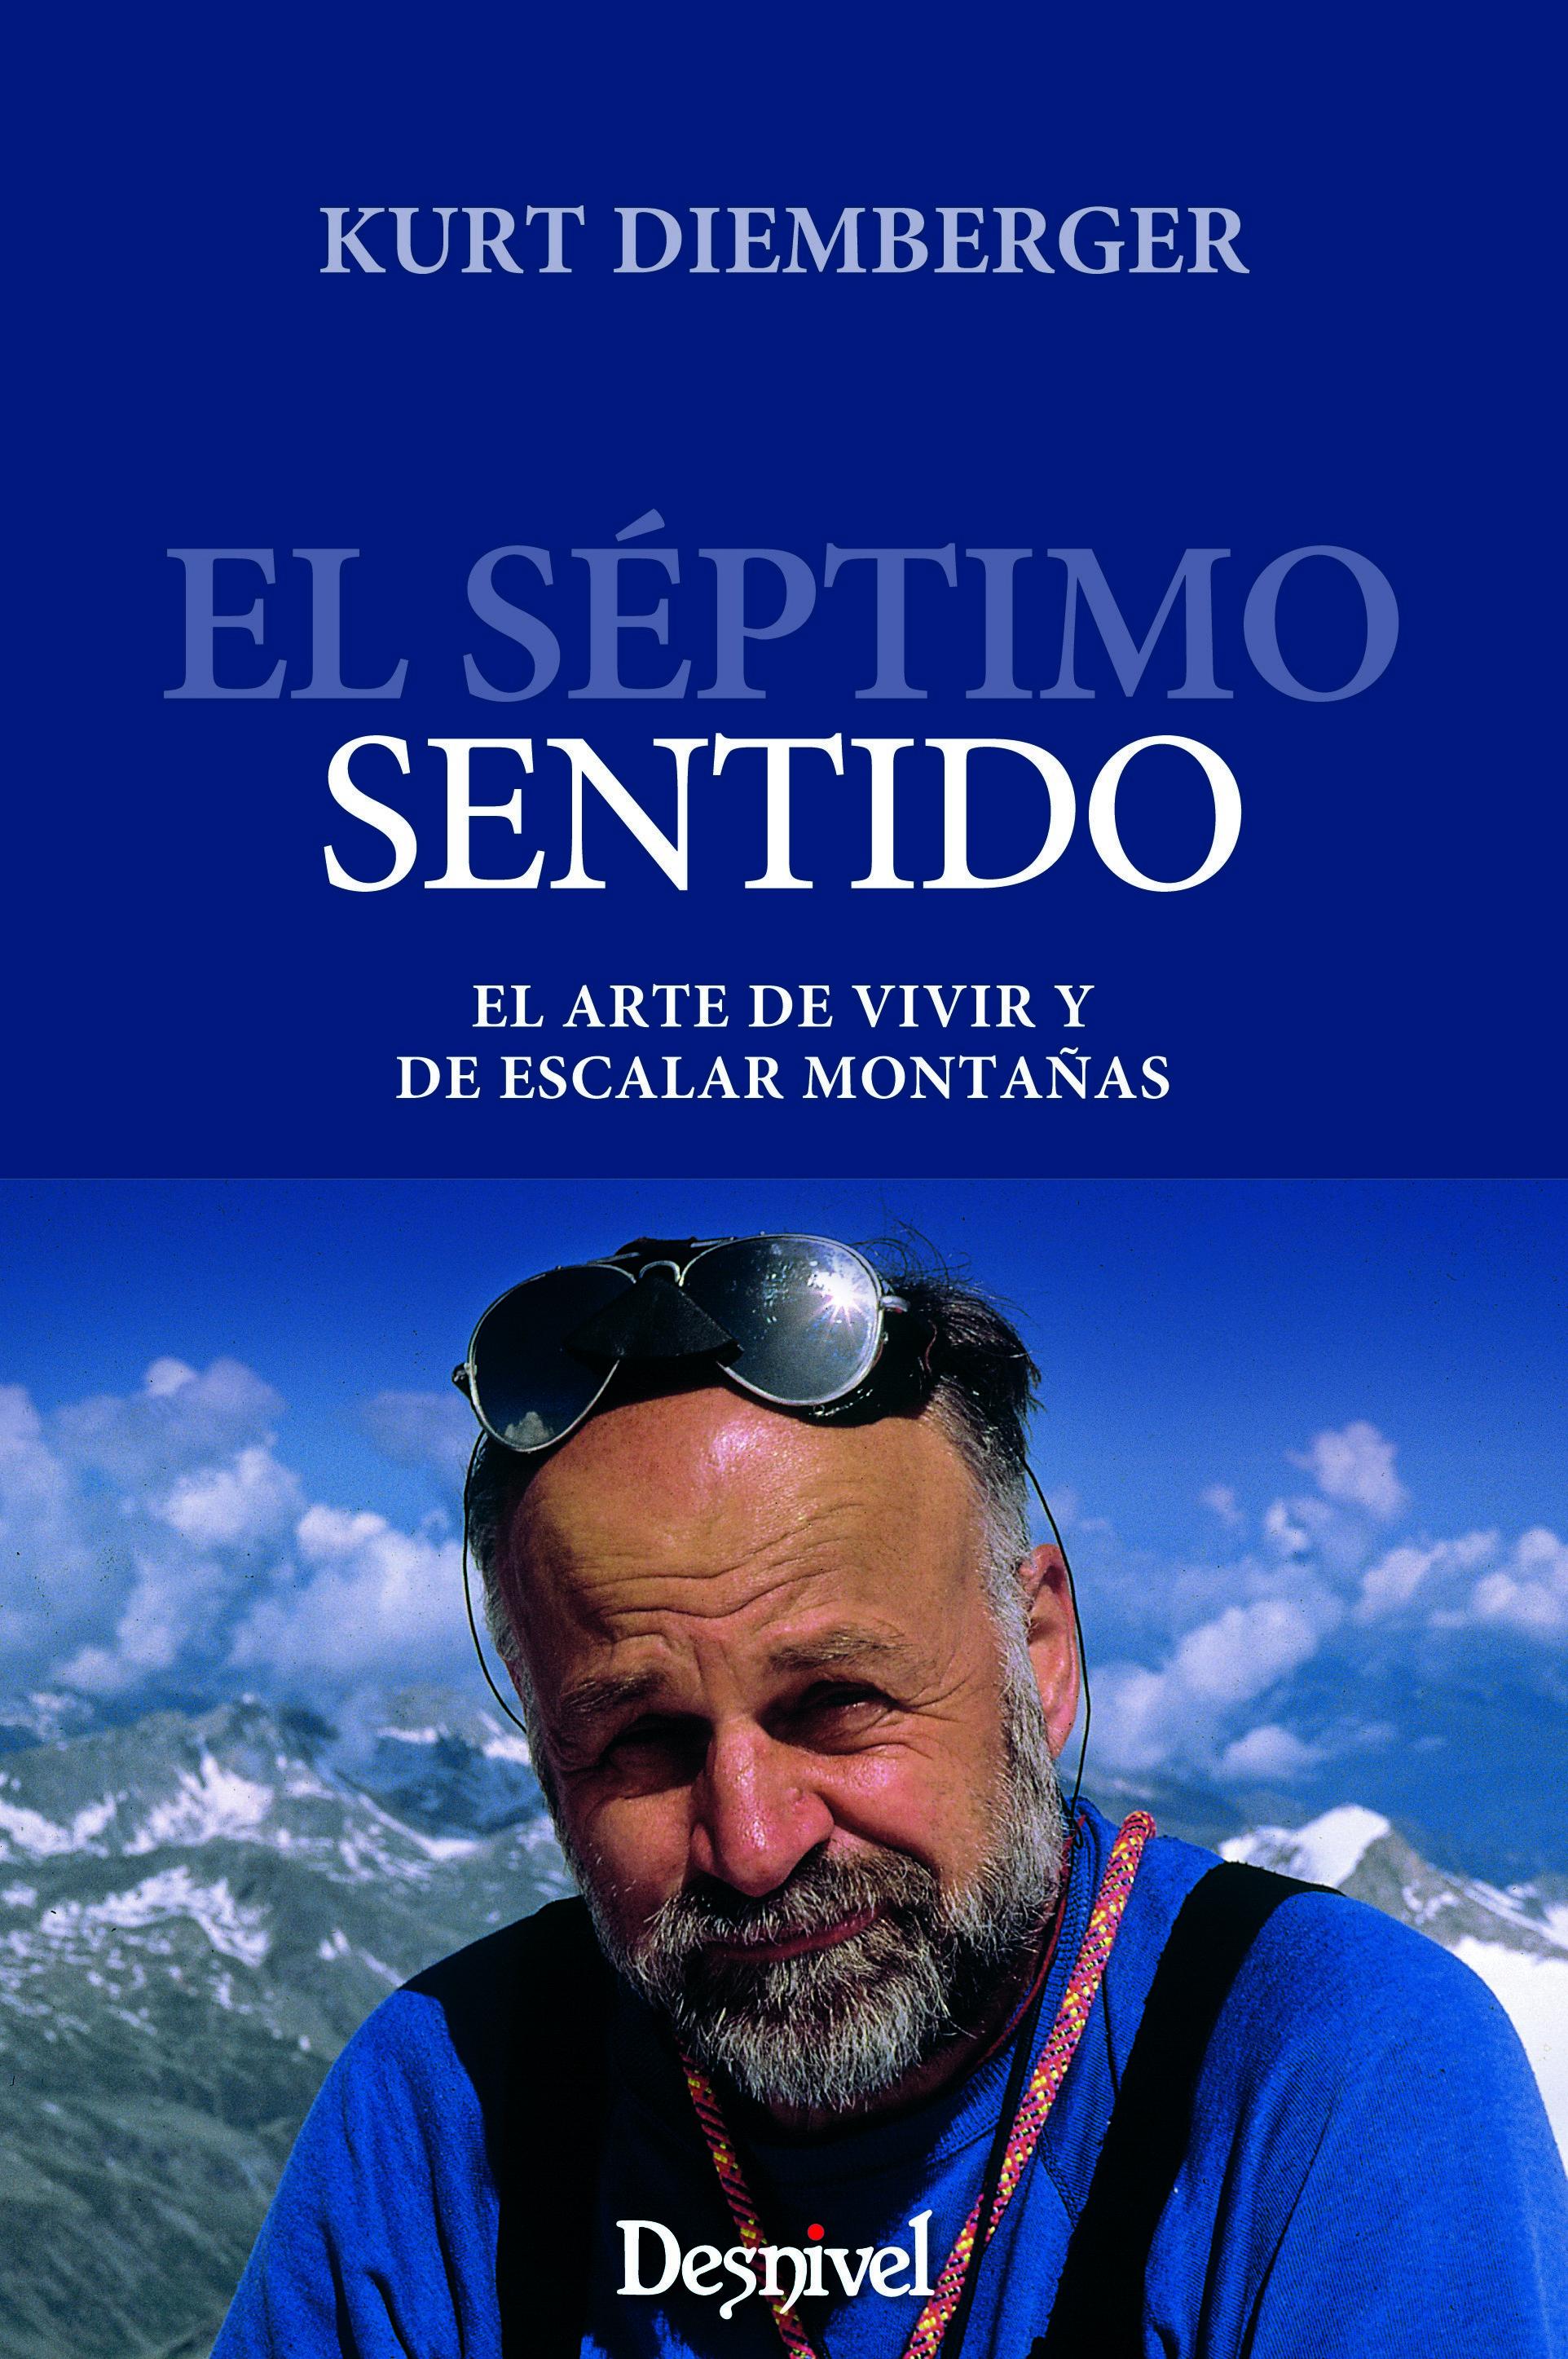 El séptimo sentido. El arte de vivir y escalar montañas por Kurt Diemberger. Ediciones Desnivel